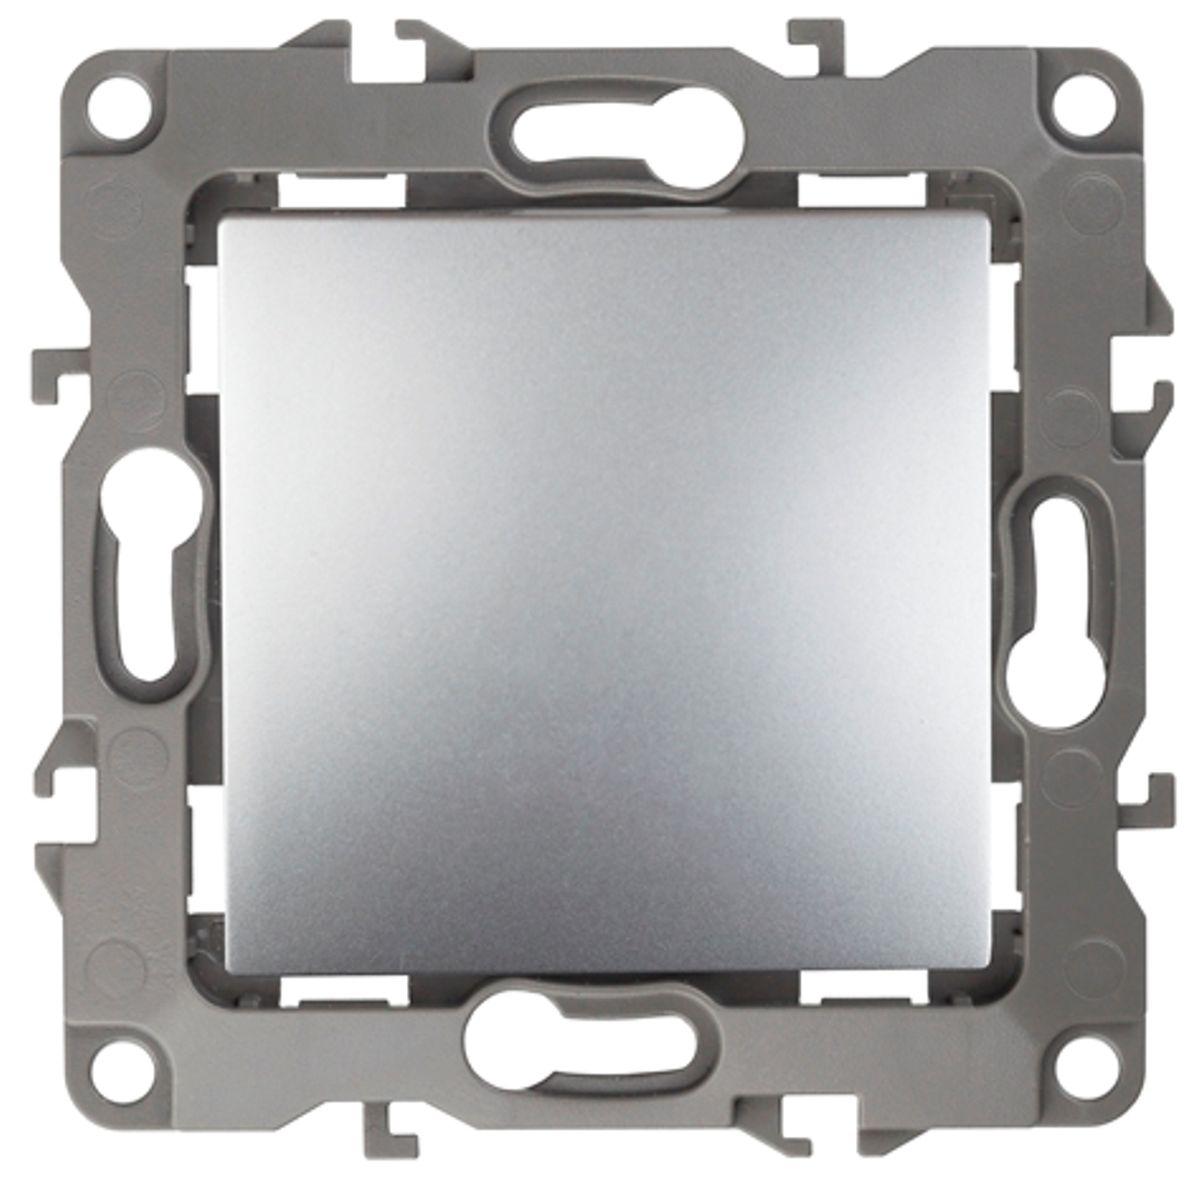 Выключатель ЭРА, цвет: серый. 12-100112-1001-03Выключатель ЭРА выполнен из прочного пластика, контакты бронзовые. Изделие просто в установке, надежно в эксплуатации. Выключатель имеет специальные фиксаторы, которые не дают ему смещаться как при монтаже, так и в процессе эксплуатации. Автоматические зажимы кабеля обеспечивают быстрый и надежный монтаж изделия к электросети без отвертки и не требуют обслуживания в отличие от винтовых зажимов. УВАЖАЕМЫЕ КЛИЕНТЫ! Обращаем ваше внимание на тот факт, что монтажные лапки в комплект не входят.